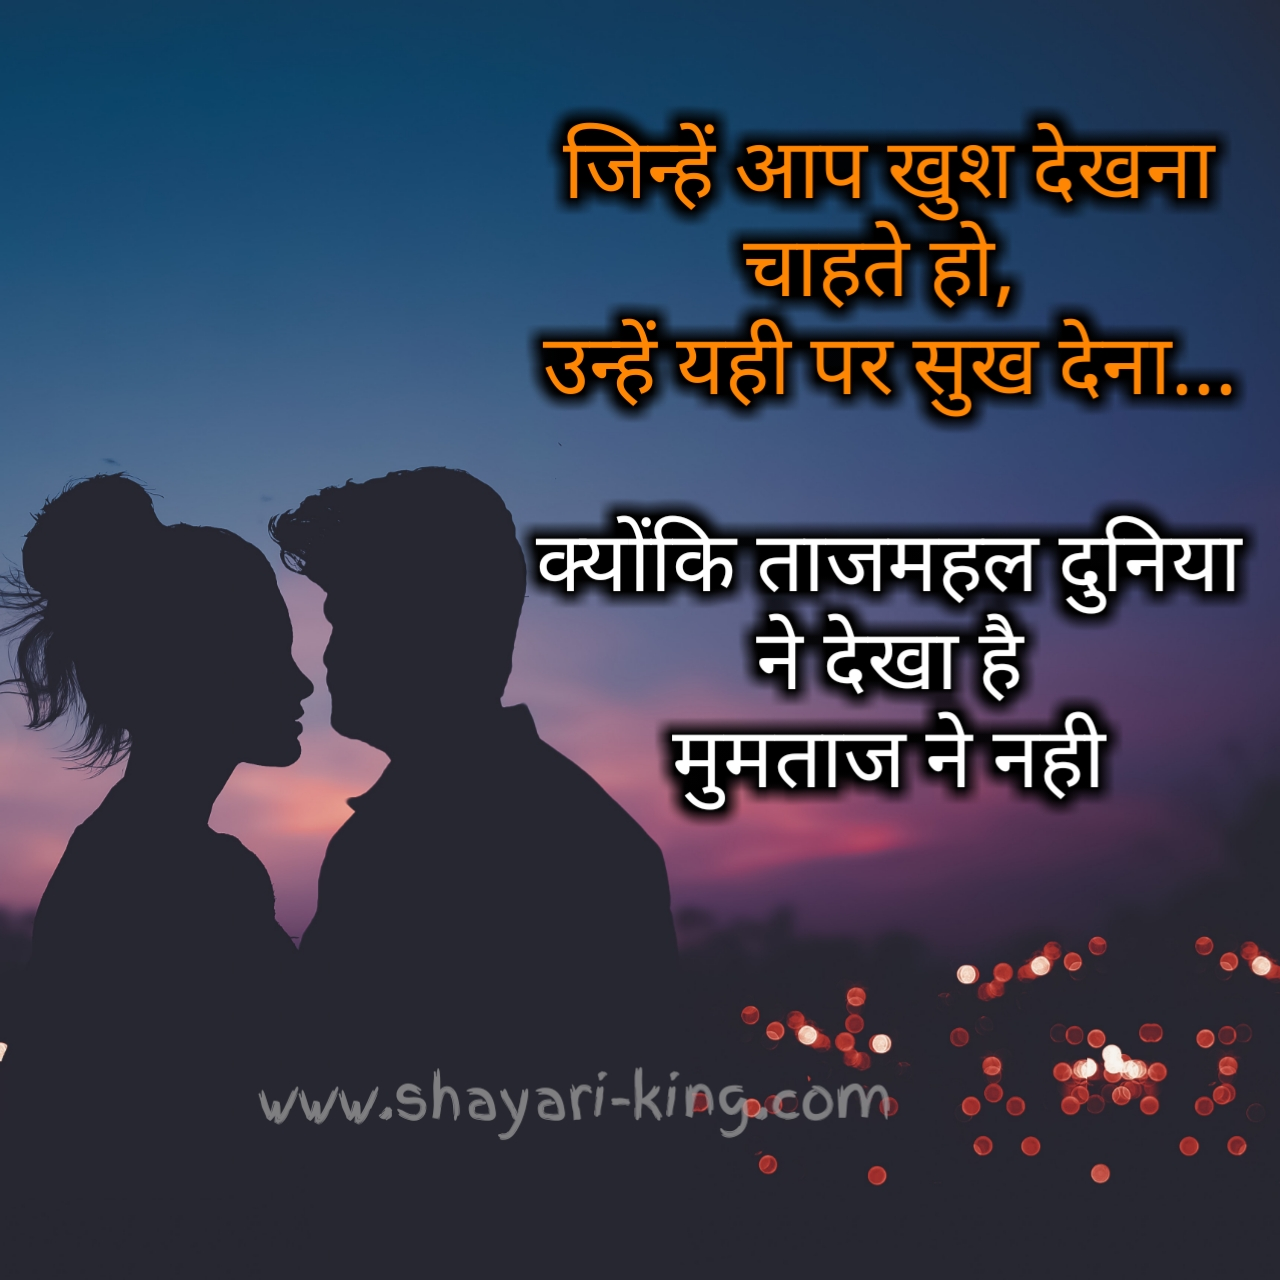 Shayari on Life  (ज़िन्दगी शायरी)  Deep shayari on life